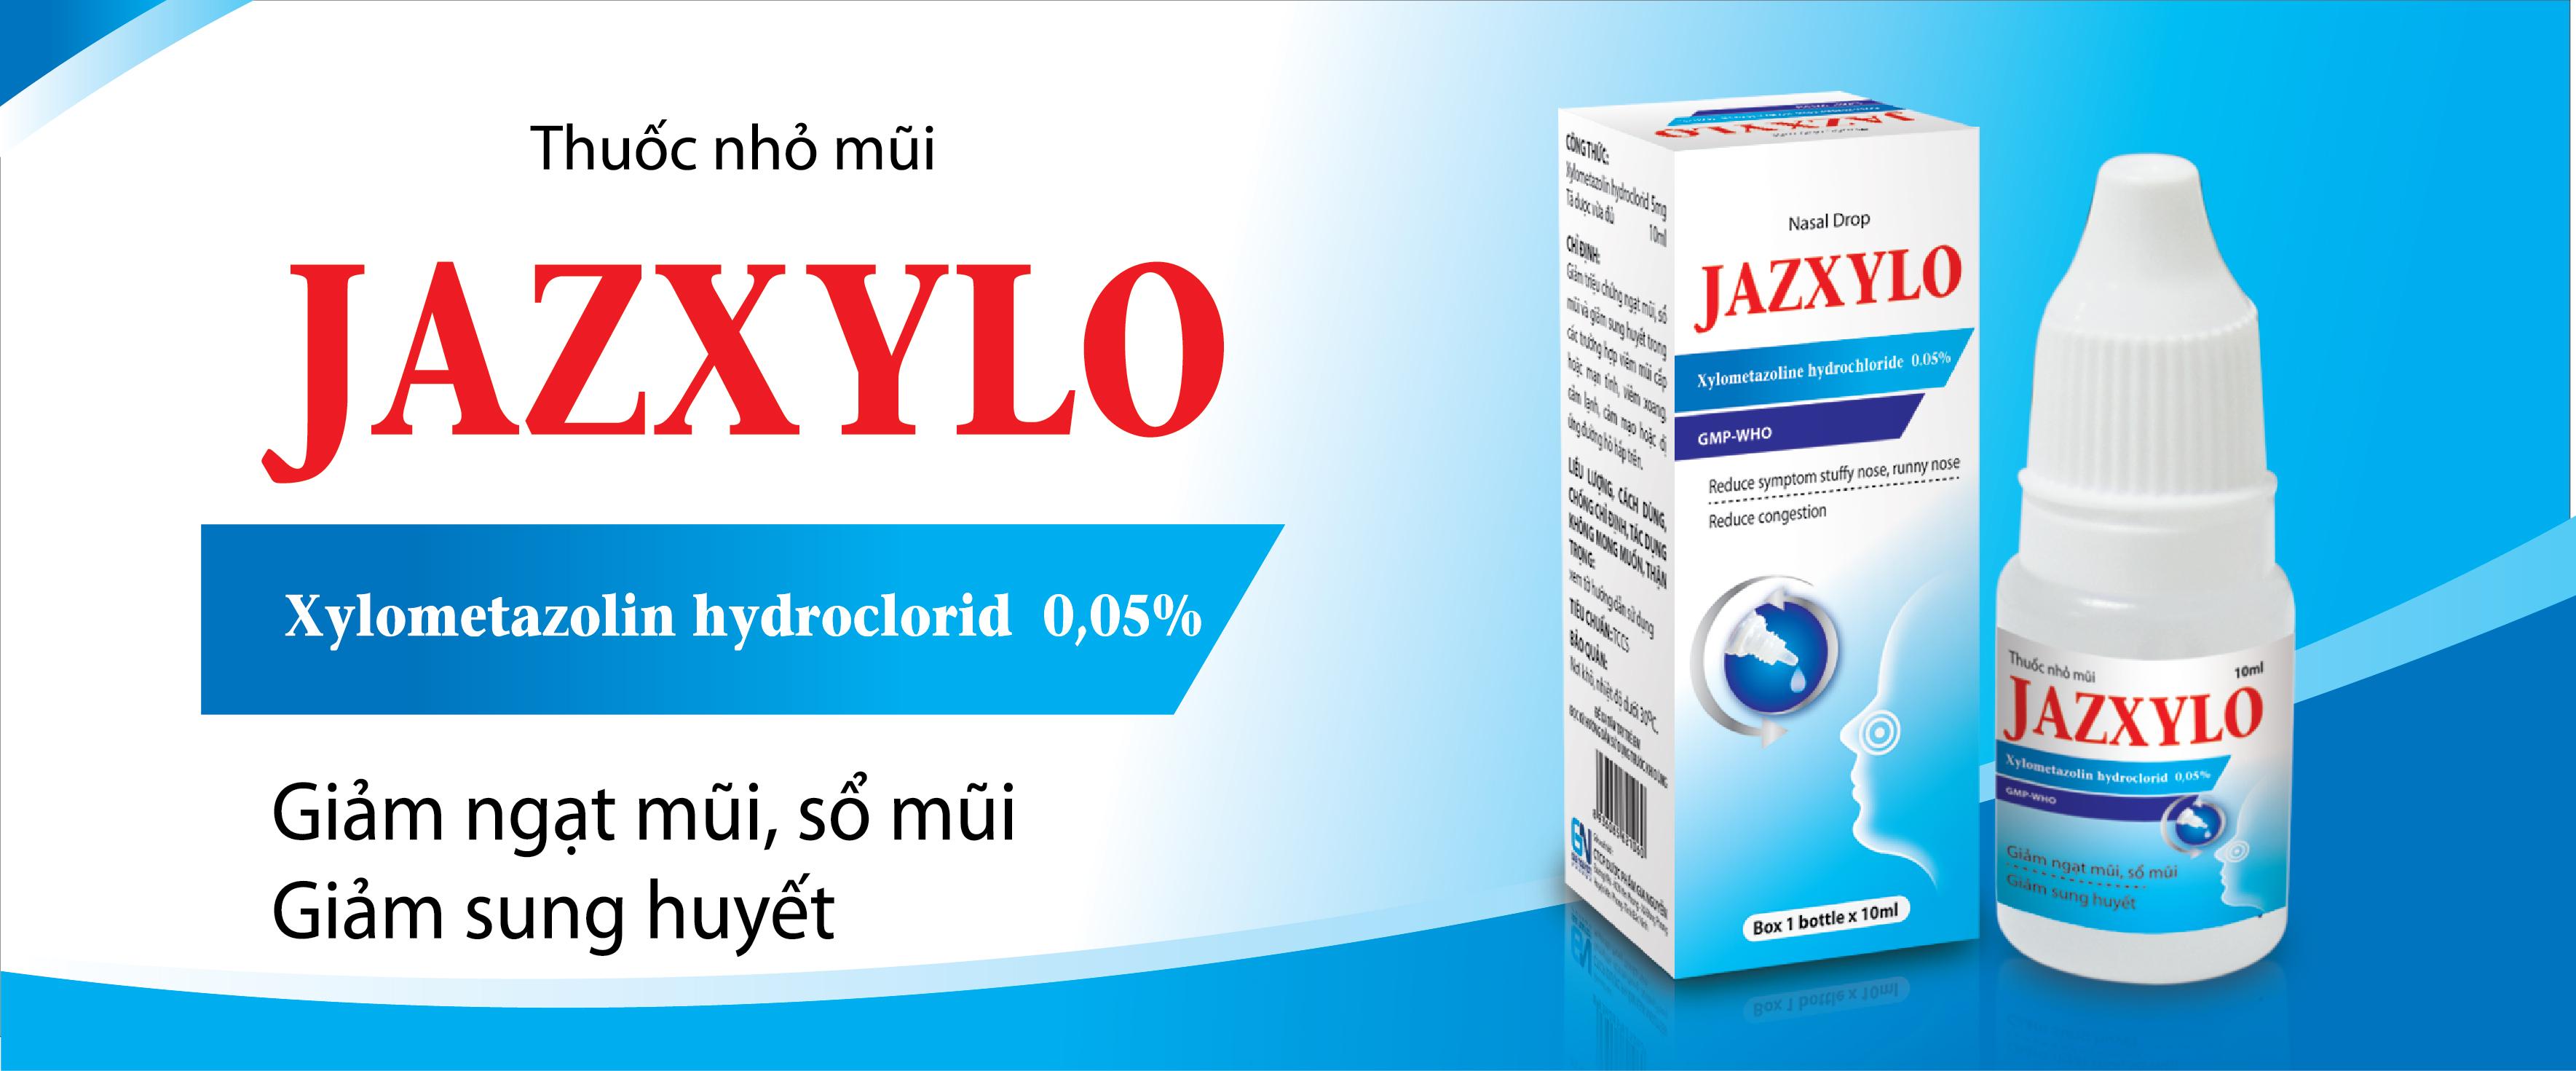 Jazxylo